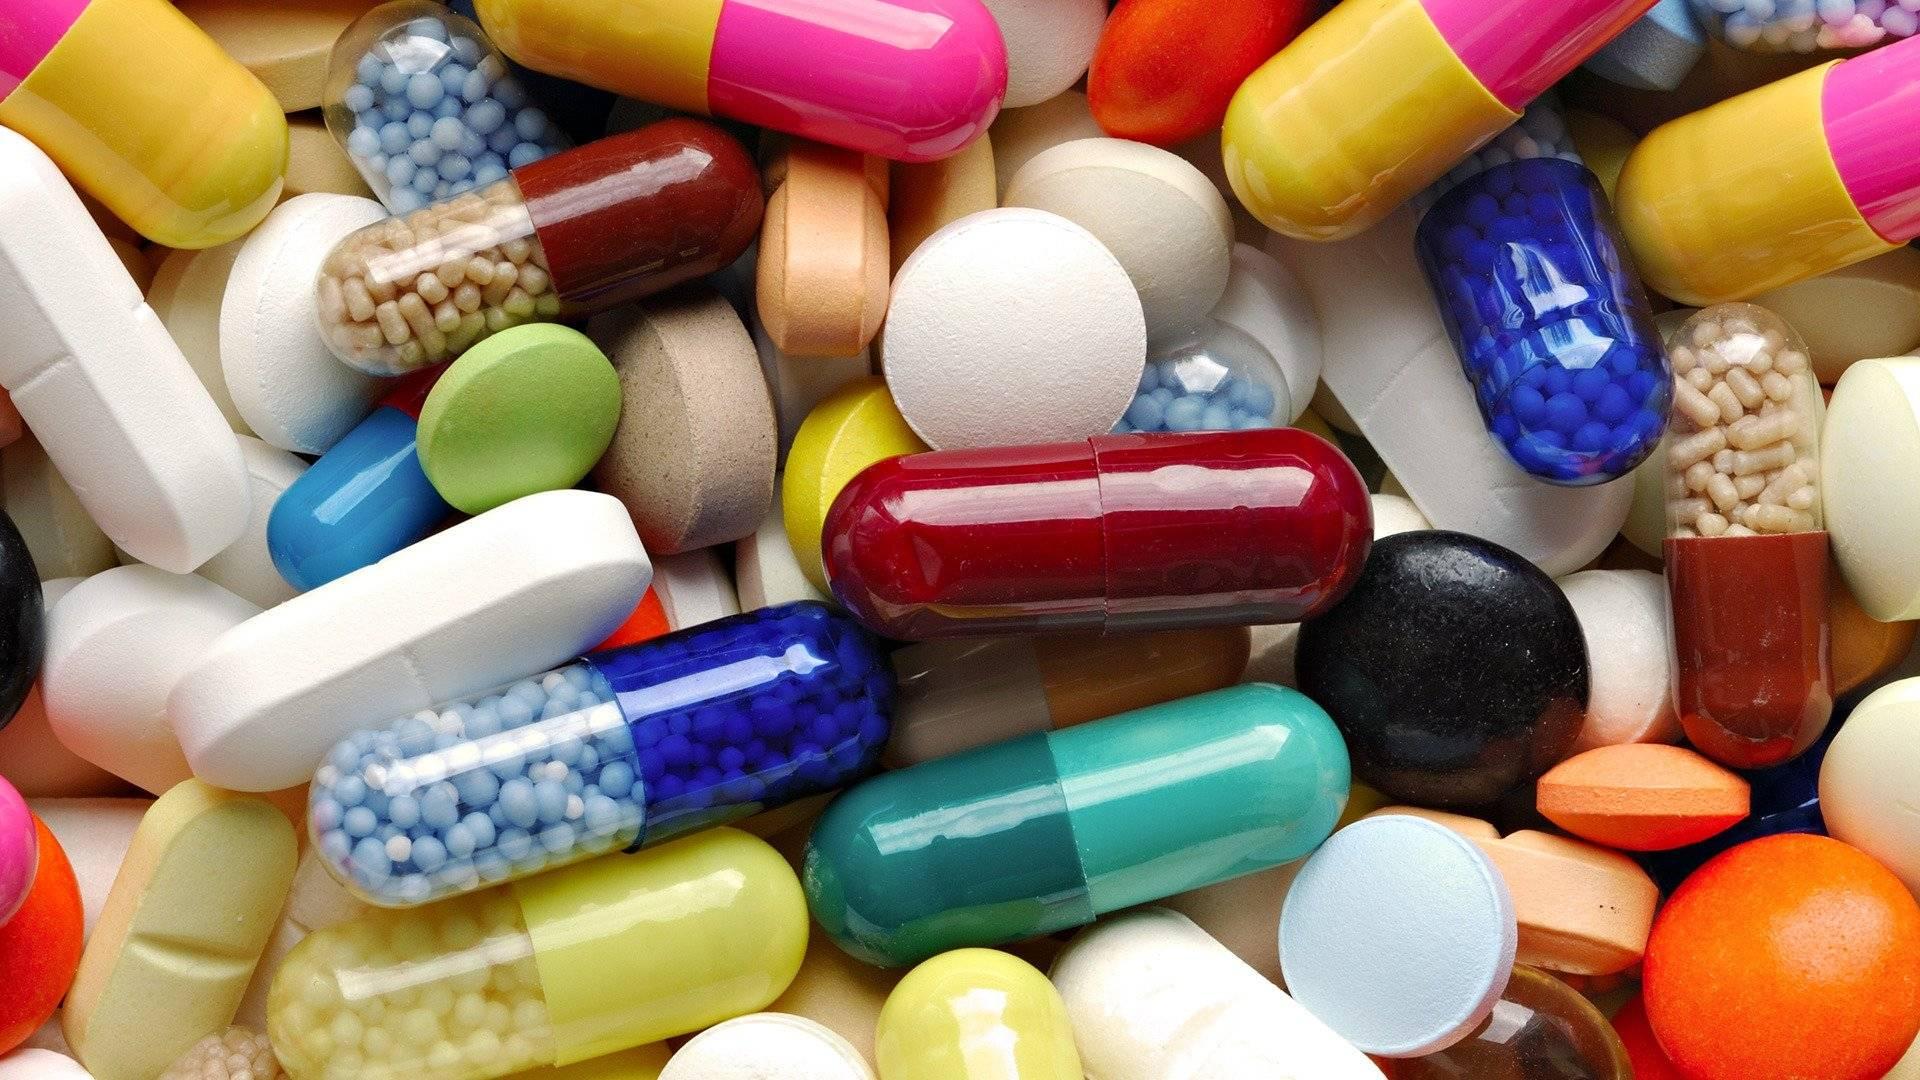 лекарство побочный эффект импотенция